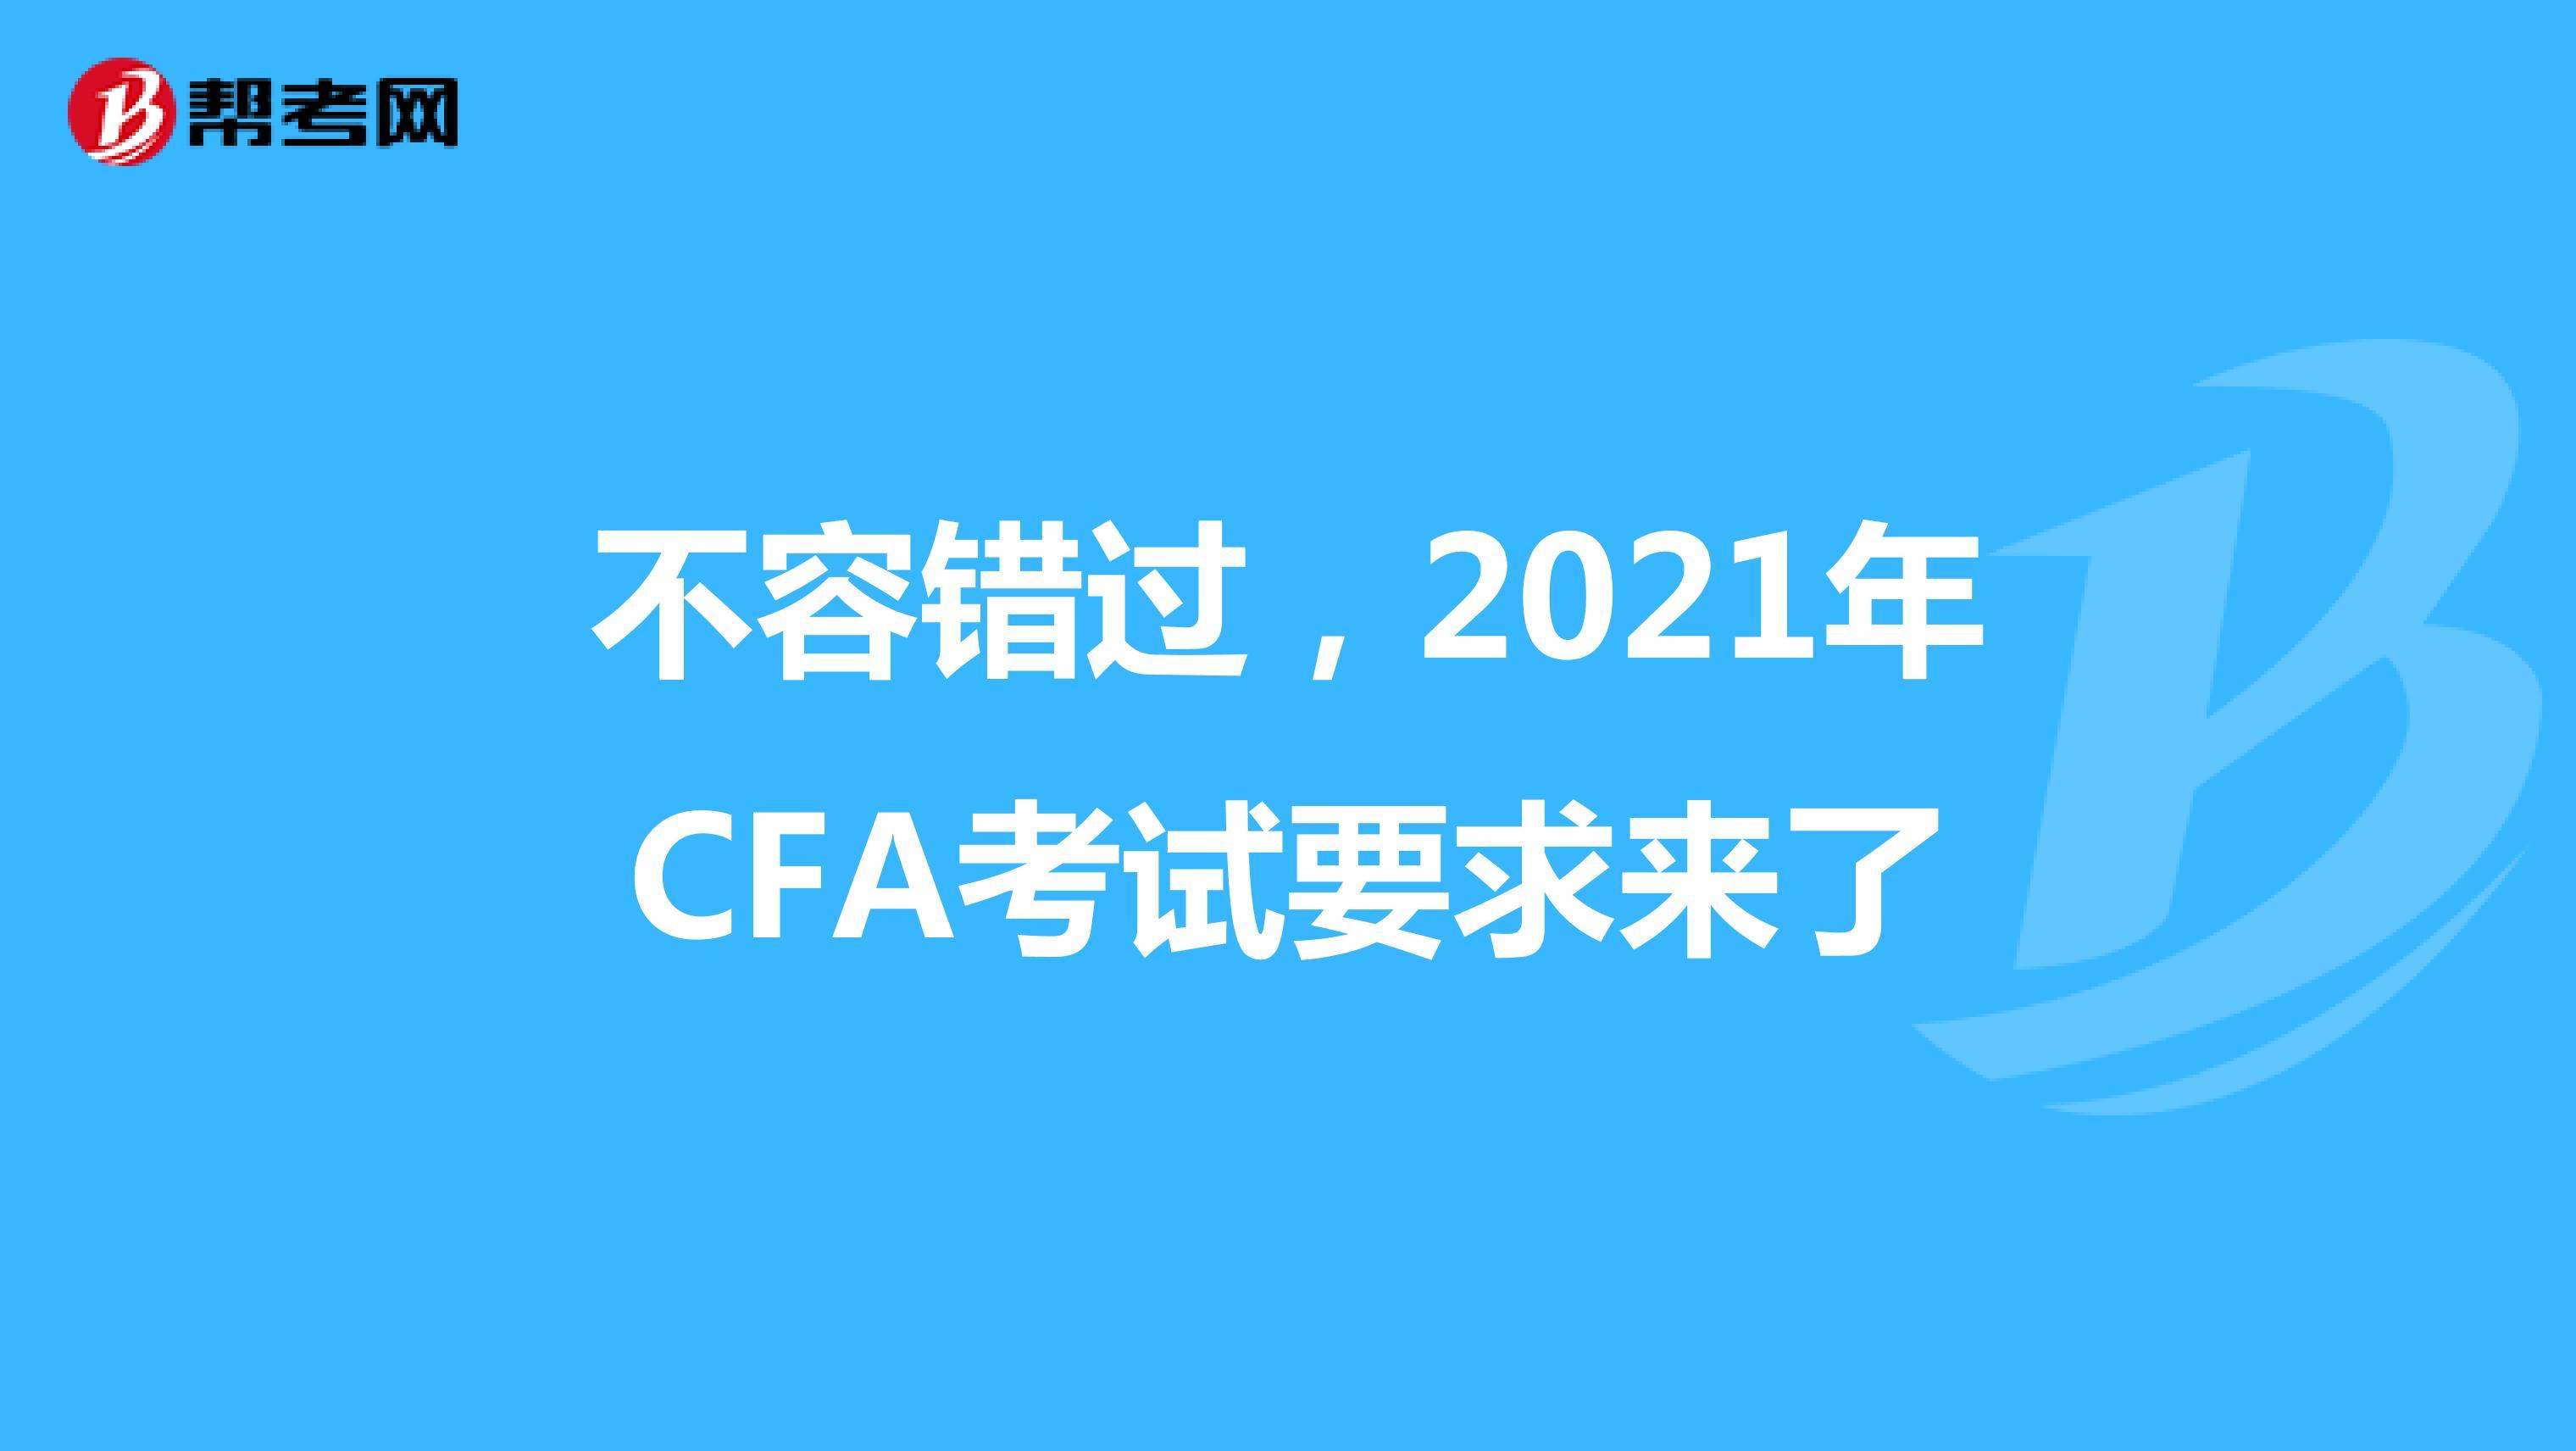 不容�e�^,2021年CFA考�要求�砹宋蘼鄞幽囊桓龇较蚩瓷先�